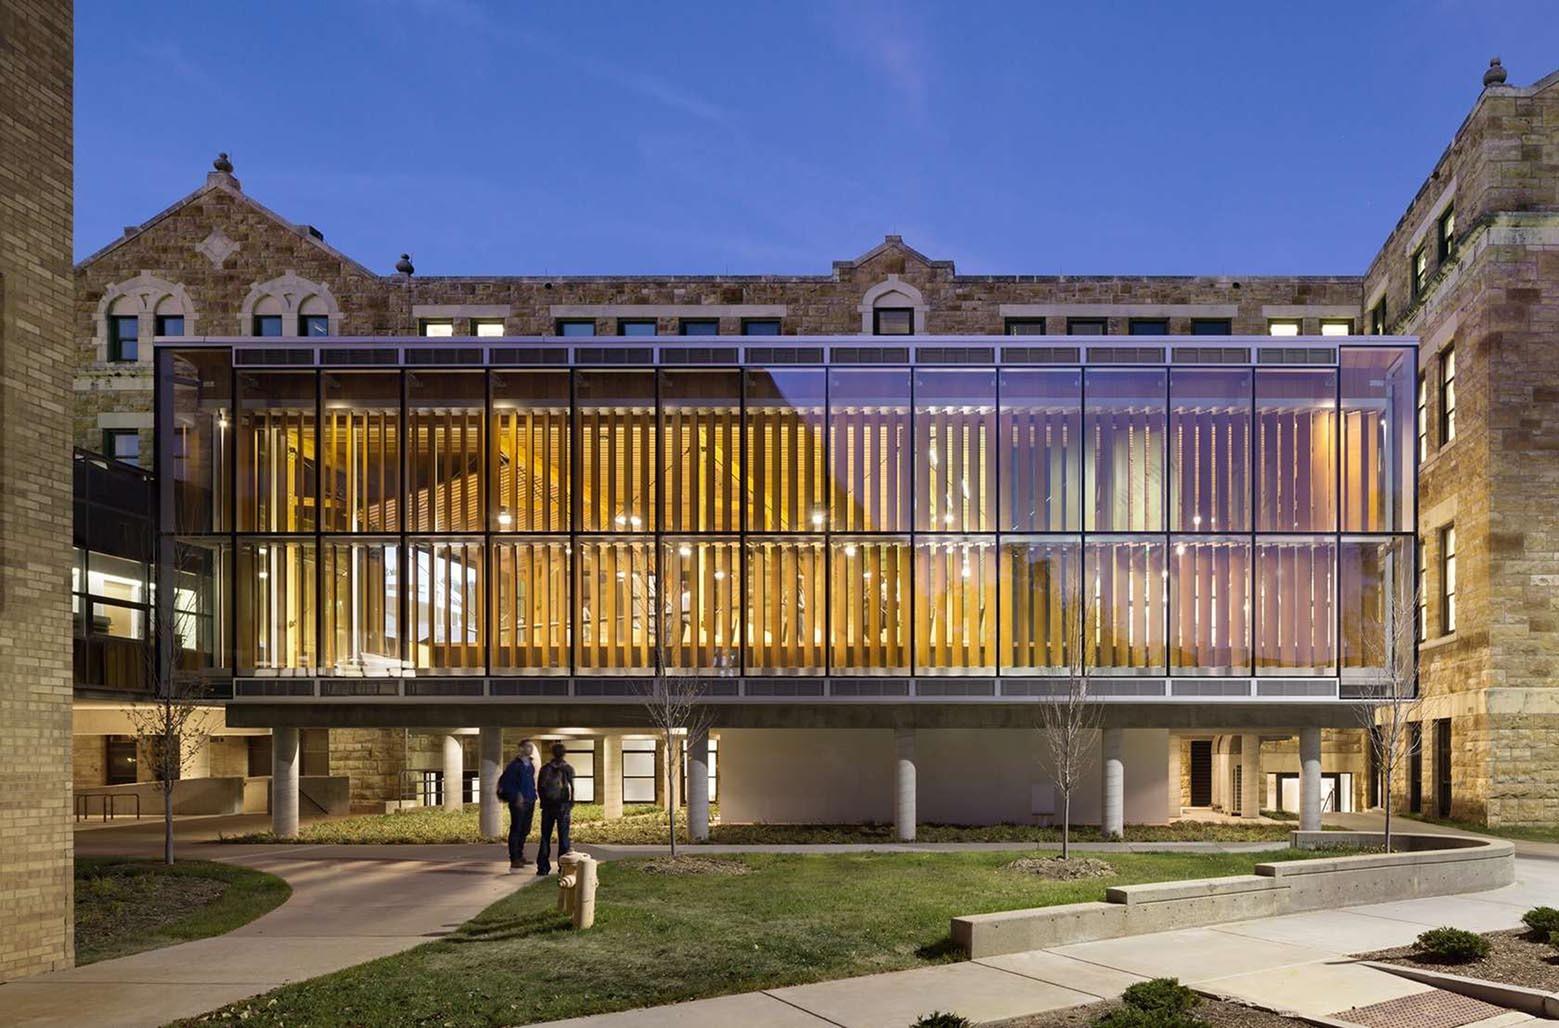 K State Architecture: The Forum / Studio 804